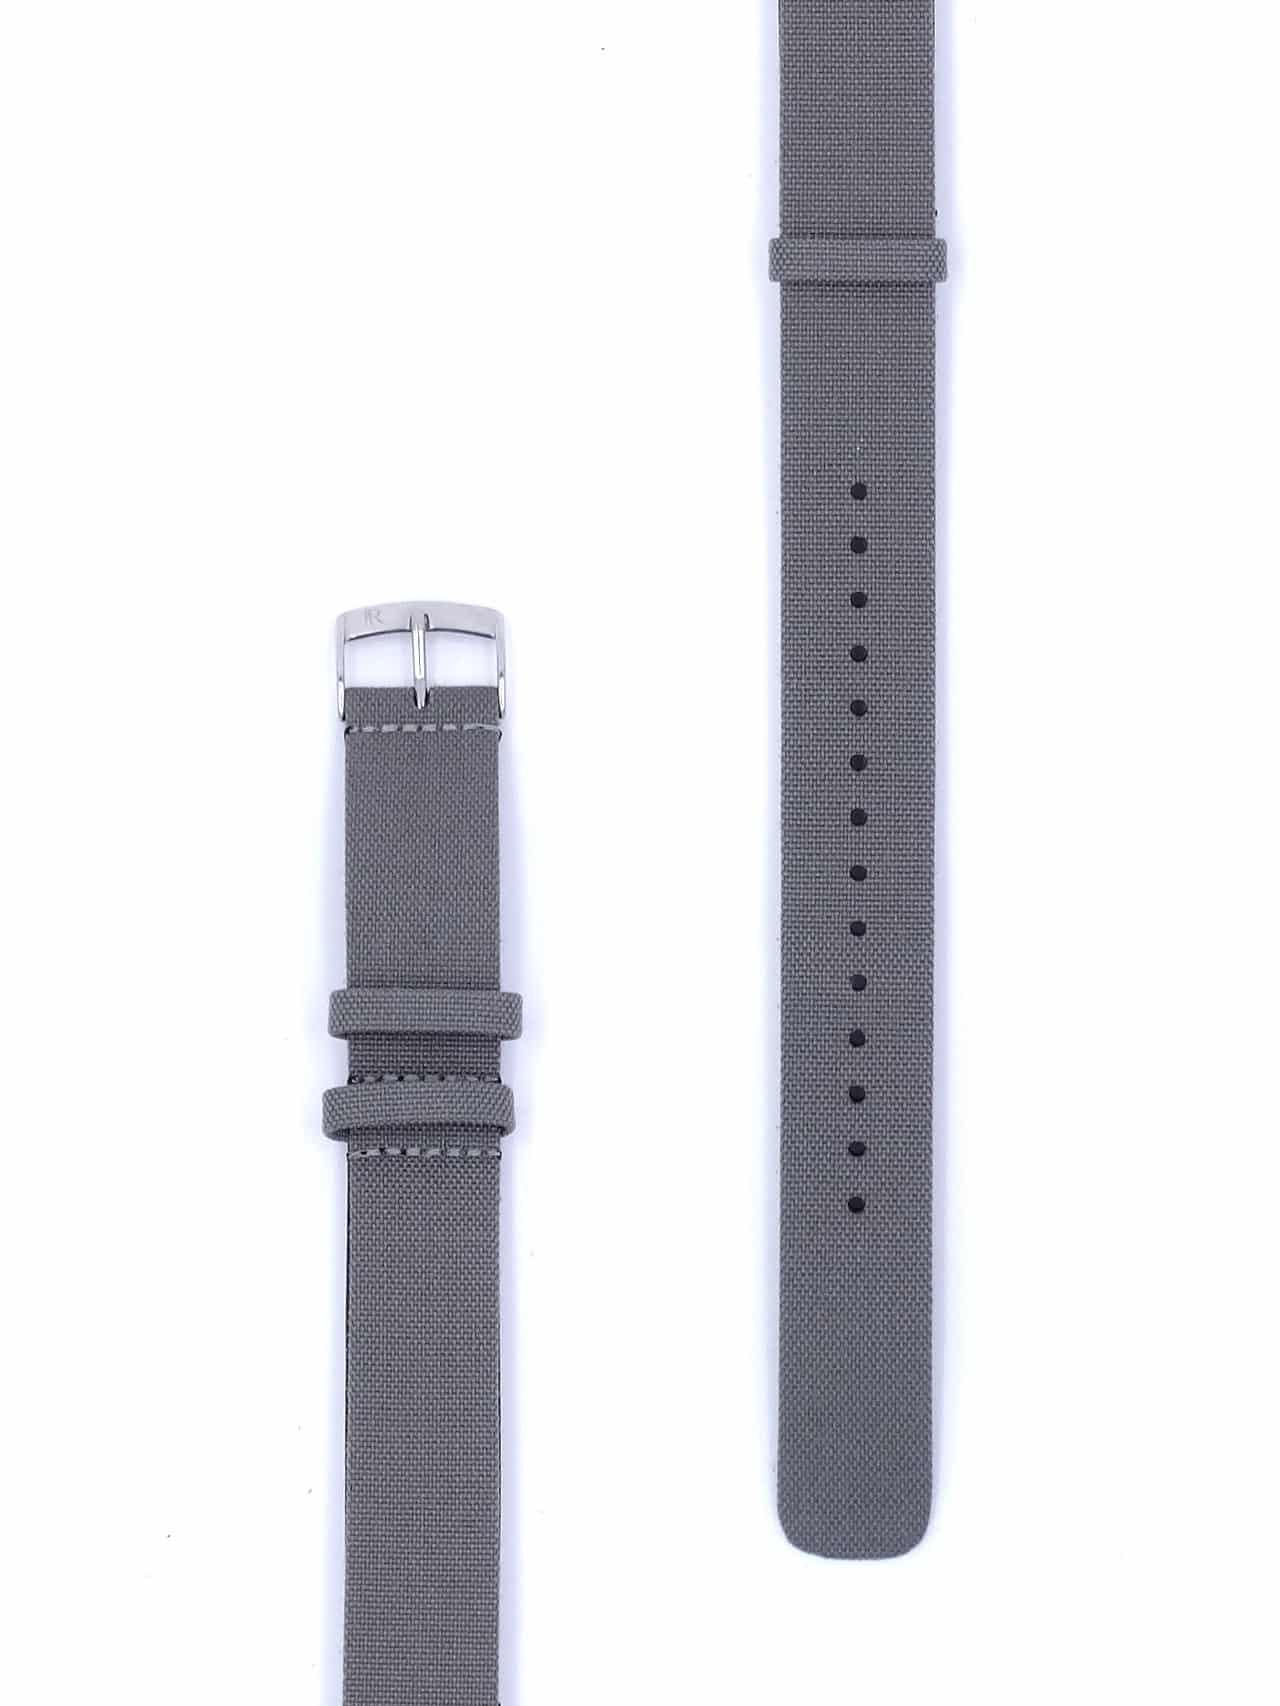 Nato strap cordura 20mm